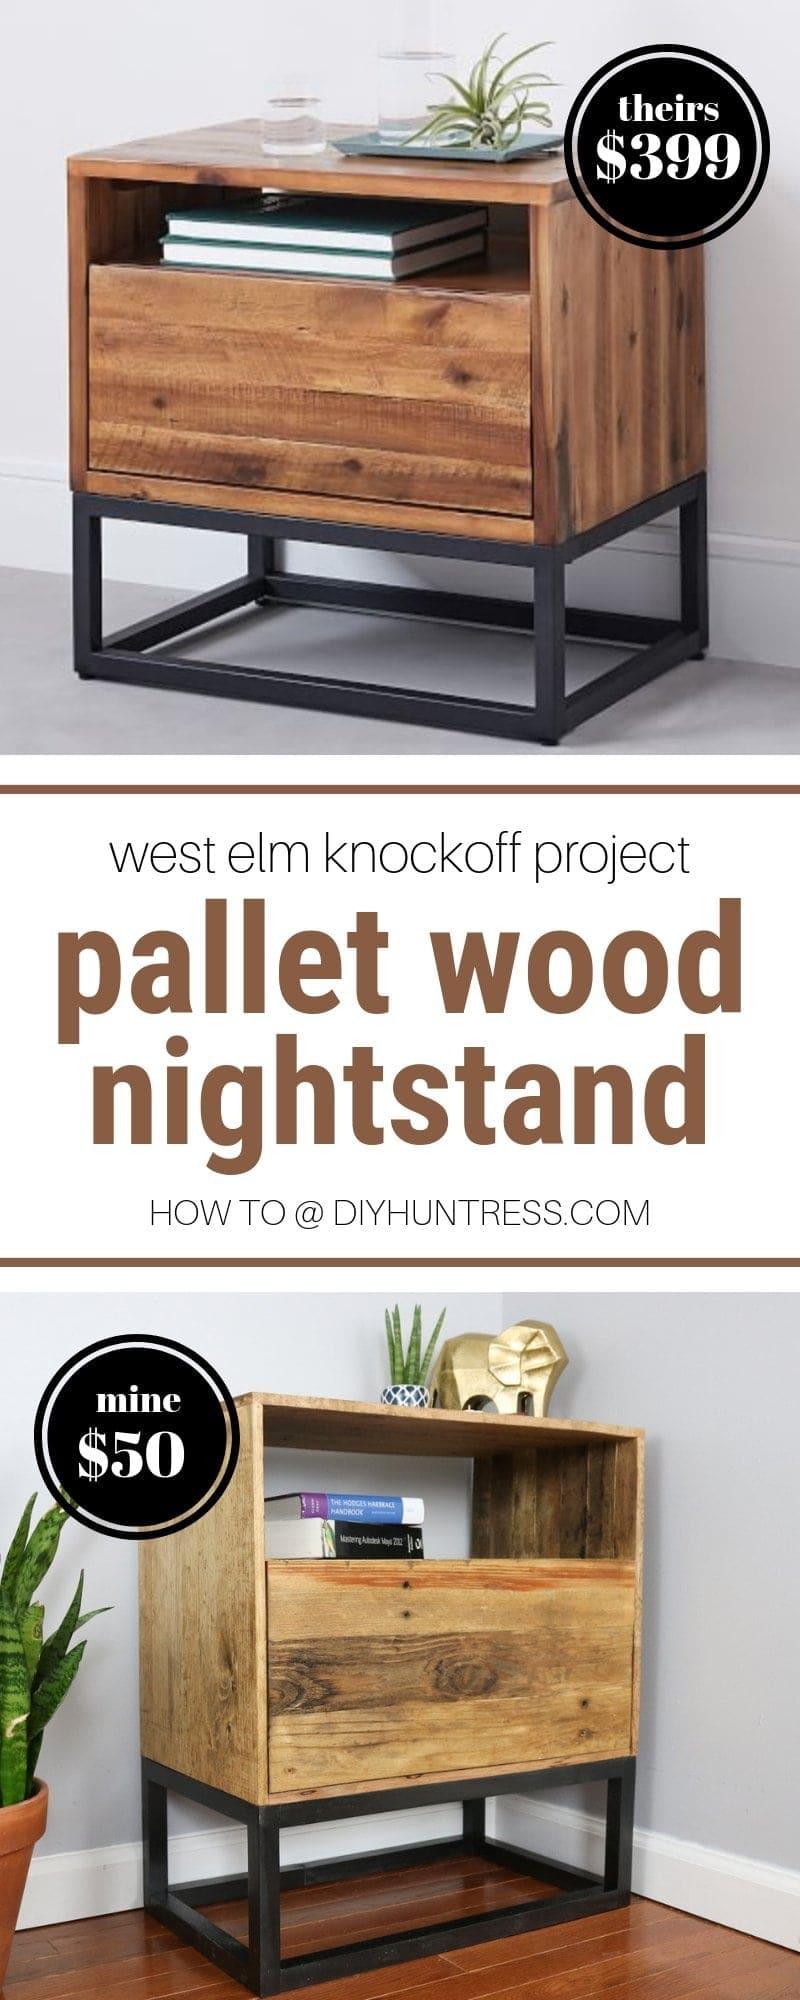 Diy Reclaimed Pallet Wood Nightstand West Elm Knockoff Diy Huntress